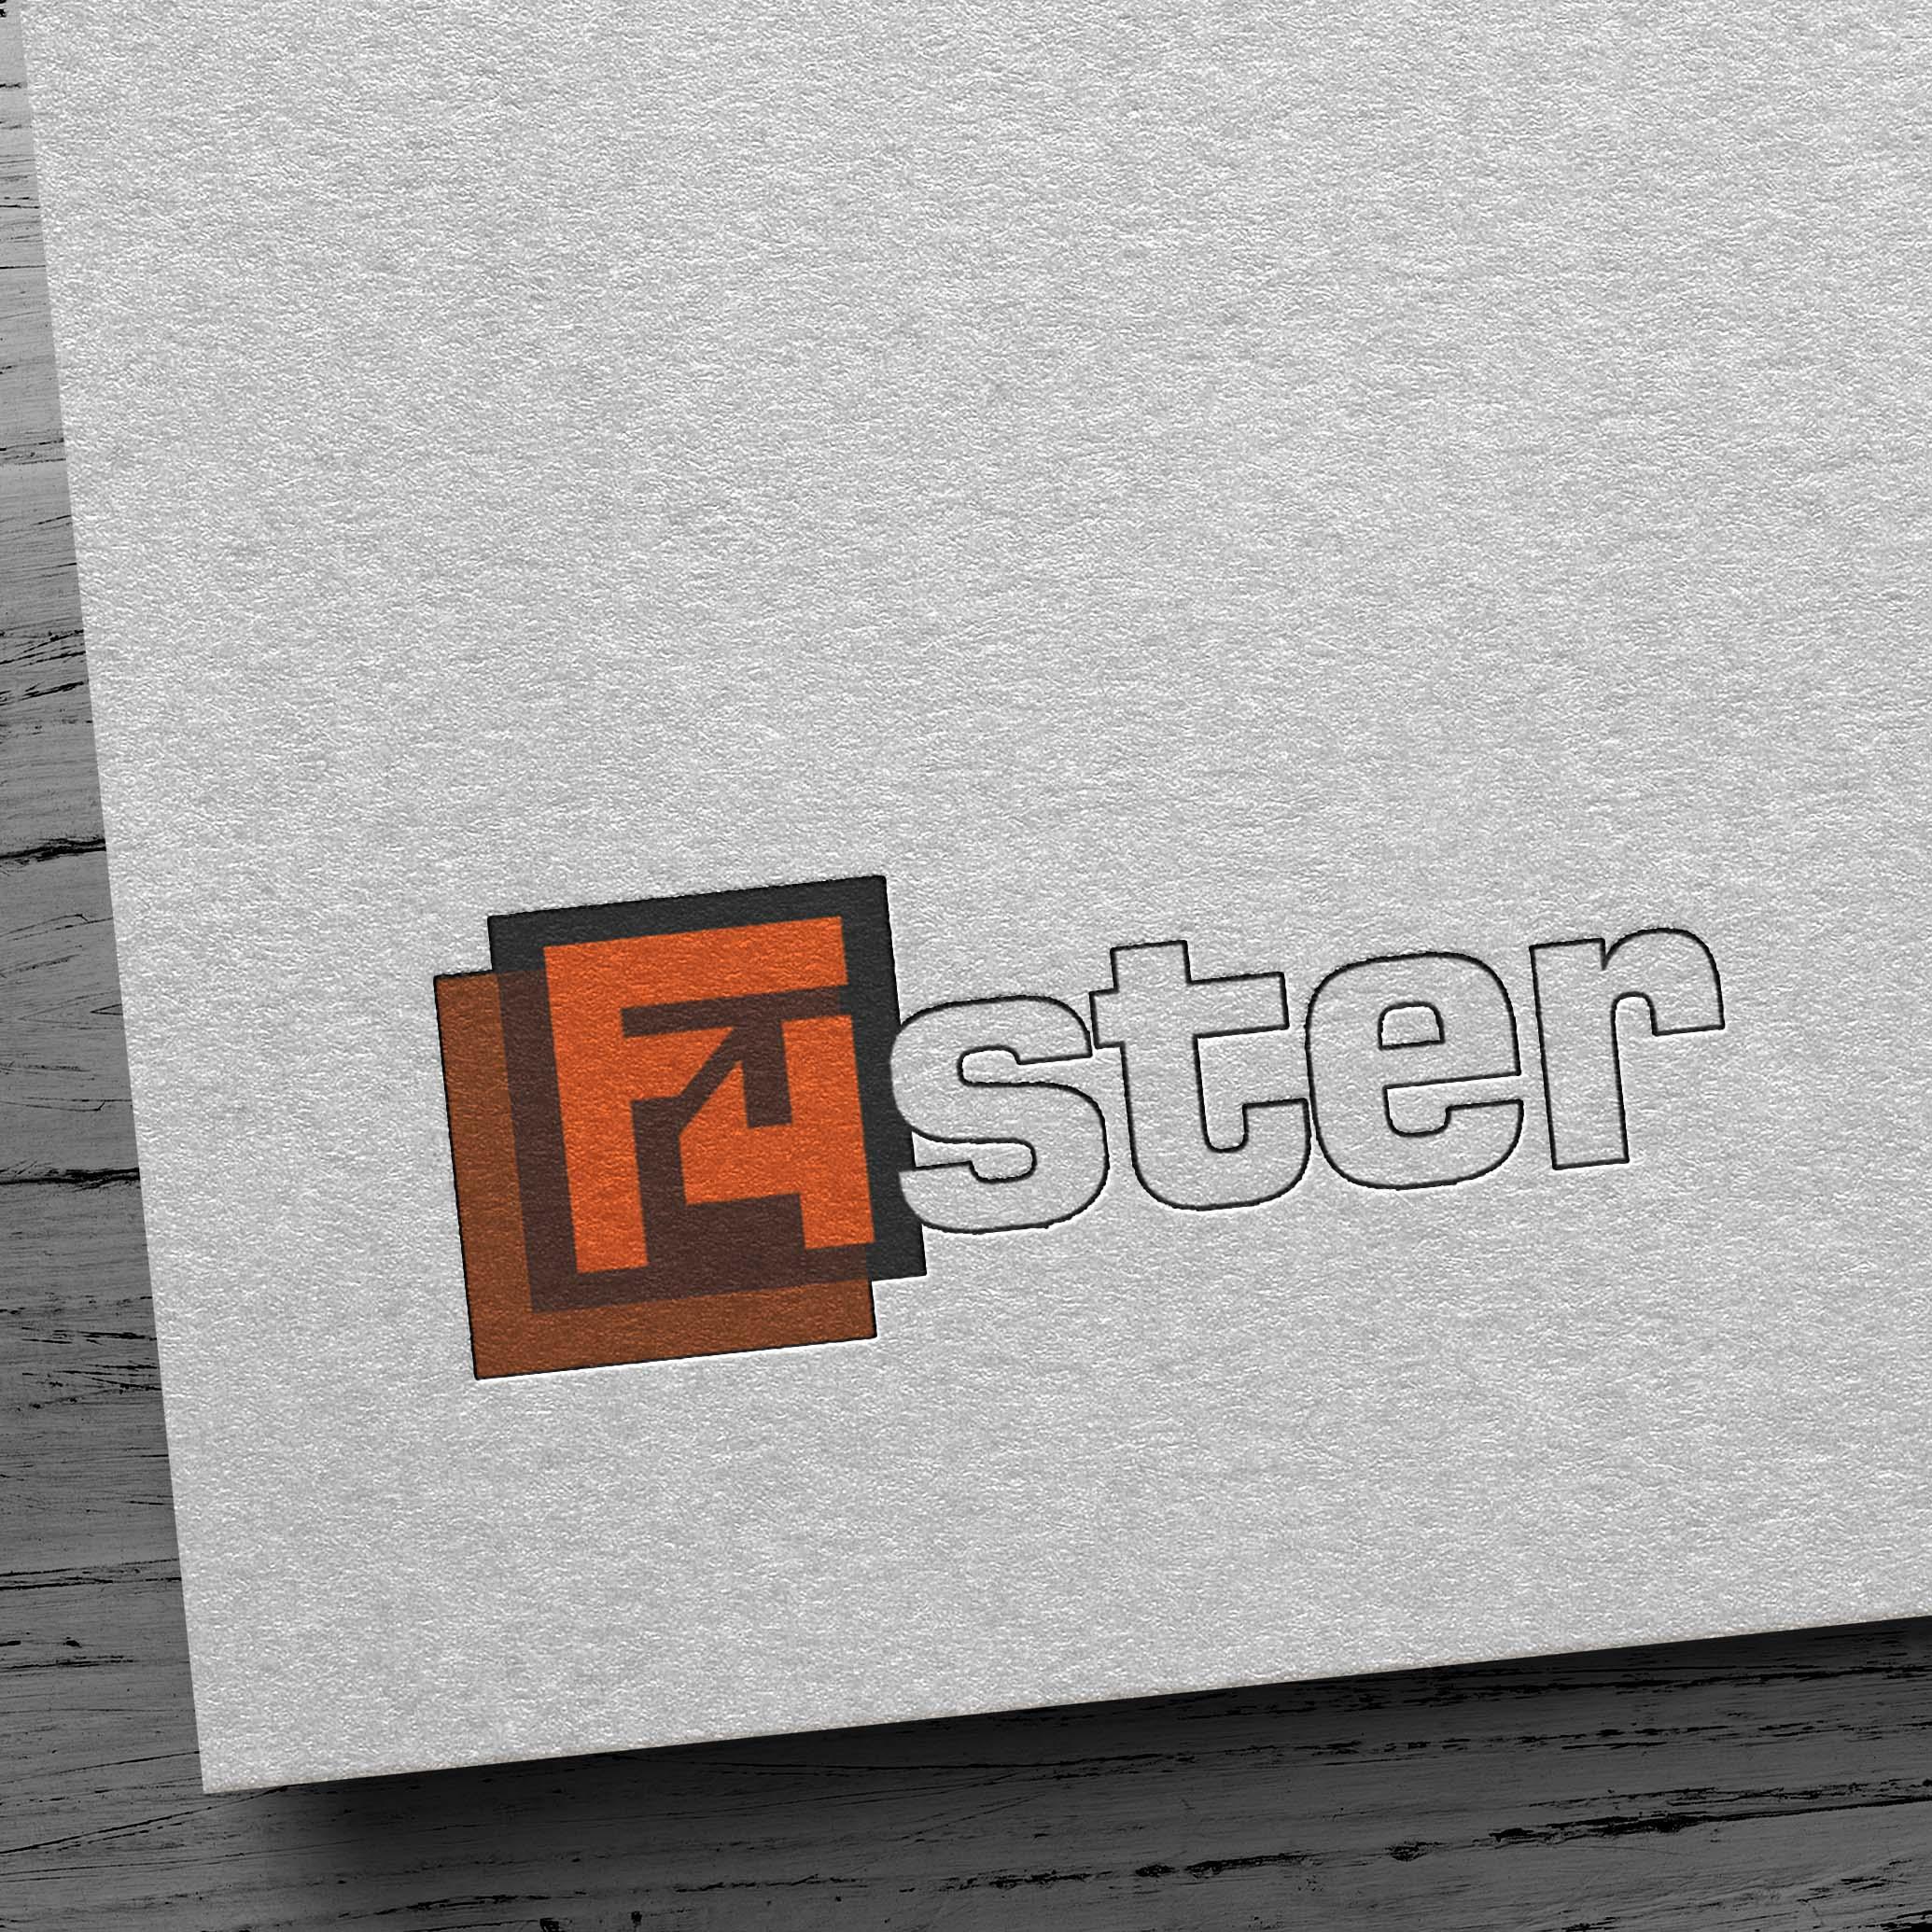 F4ster